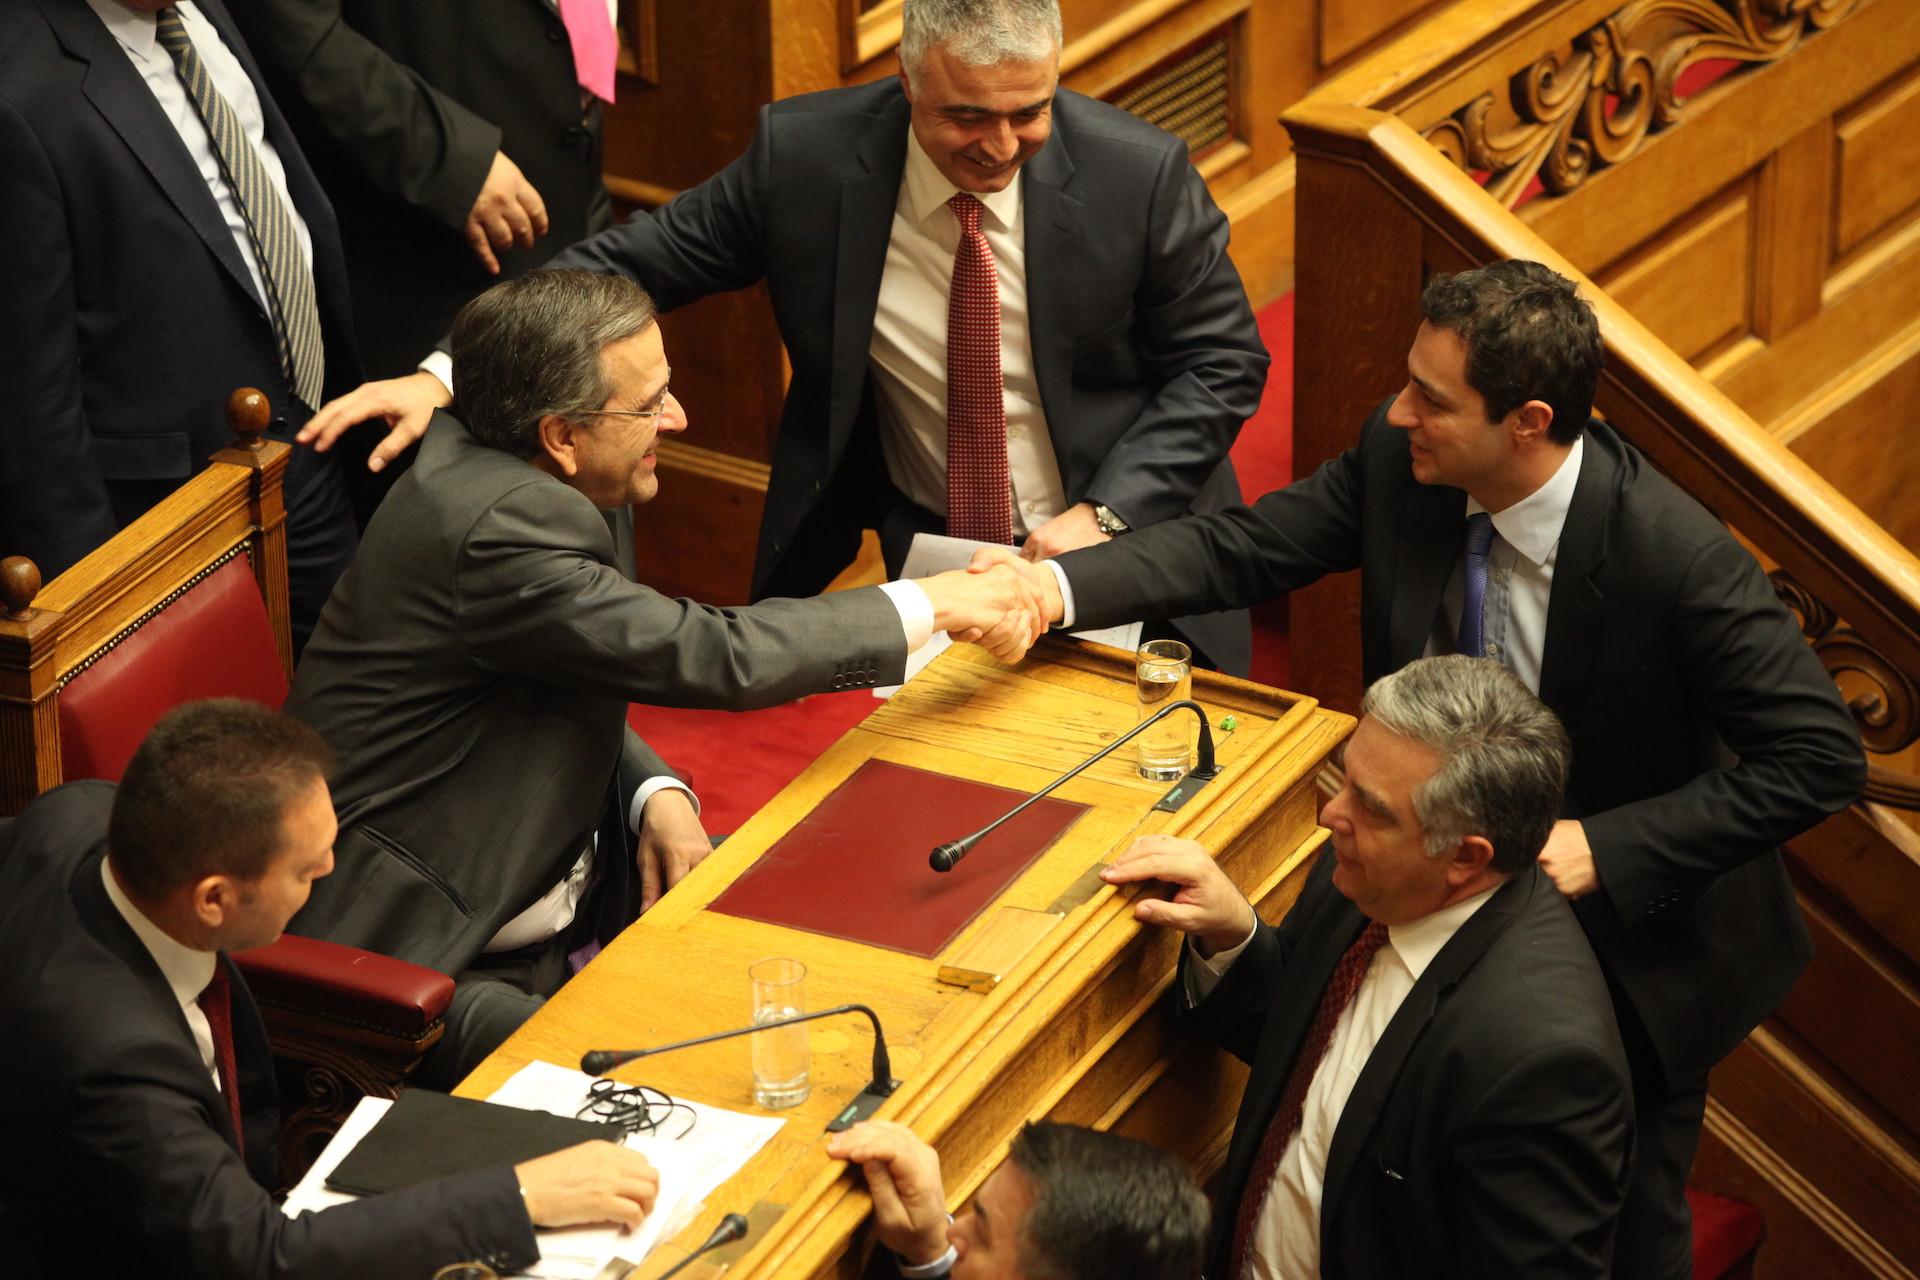 """Ο Παναγιώτης Μαυρίδης παρουσιάζει τον πρωταγωνιστή του σποτ που έγινε viral αυτή την προεκλογική περίοδο. Είναι ο Μάξιμος Σενετάκης, πρώην βουλευτής ΝΔ Ηρακλείου και εκ νέου υποψήφιος, ο οποίος εμφανίζεται σε γιαπί και βάζει τη ...θεία του να μας πει: """"το σταυρό σας στο Μάξιμο"""". new deal"""